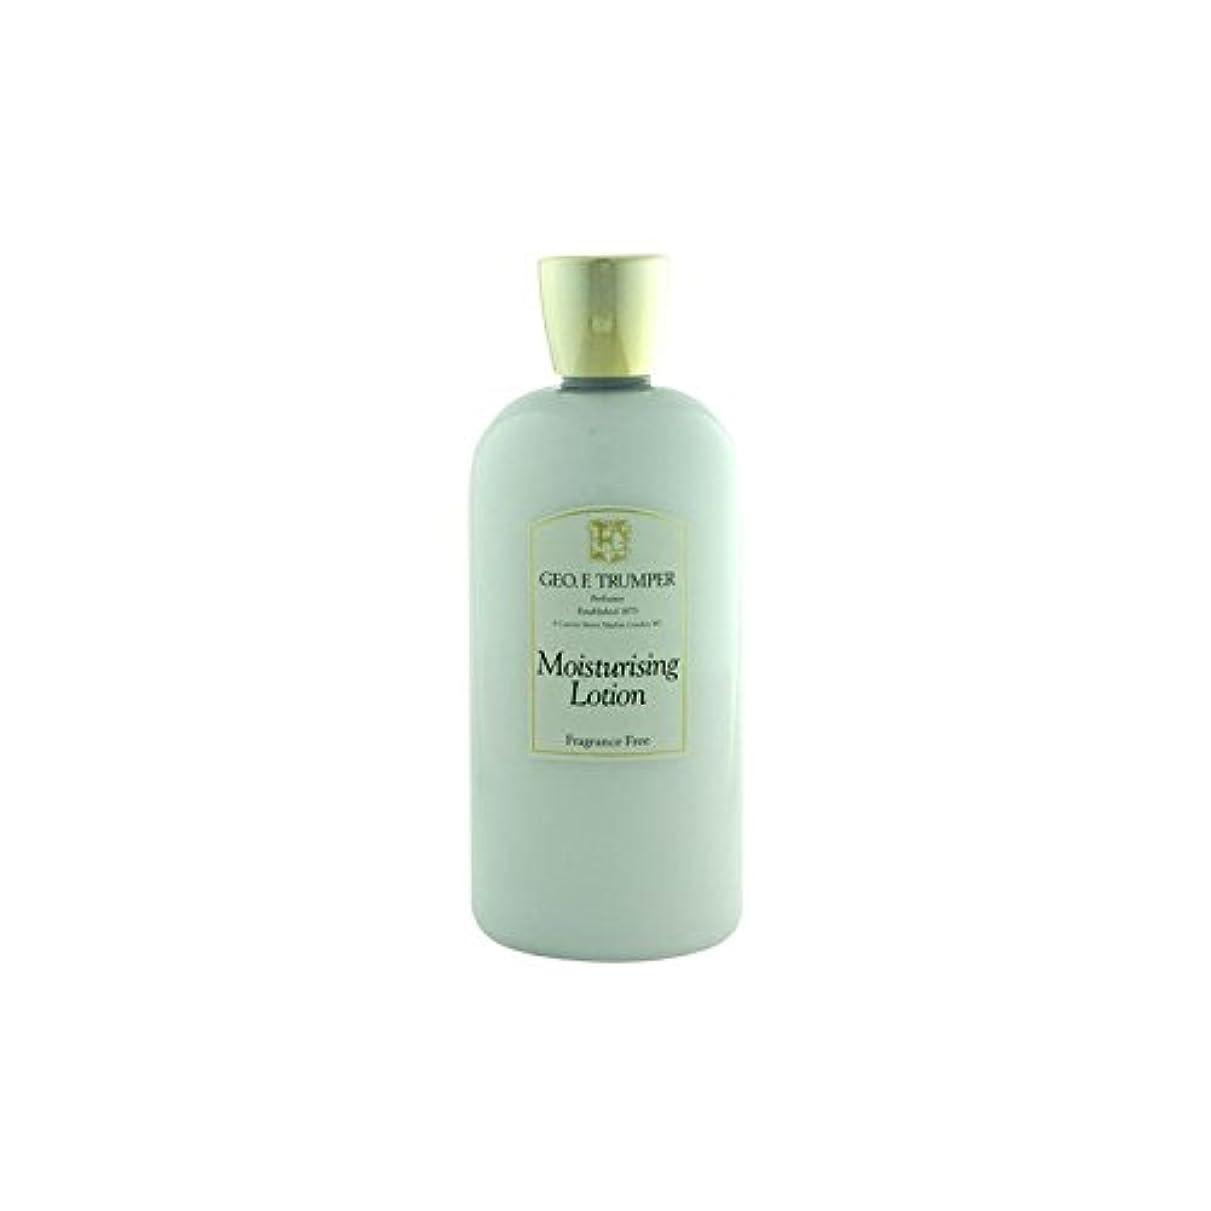 戻る技術者スポーツマンTrumpers Fragrance Free Moisturiser - 500ml Travel - 無香料の保湿剤を - 500ミリリットル旅 [並行輸入品]